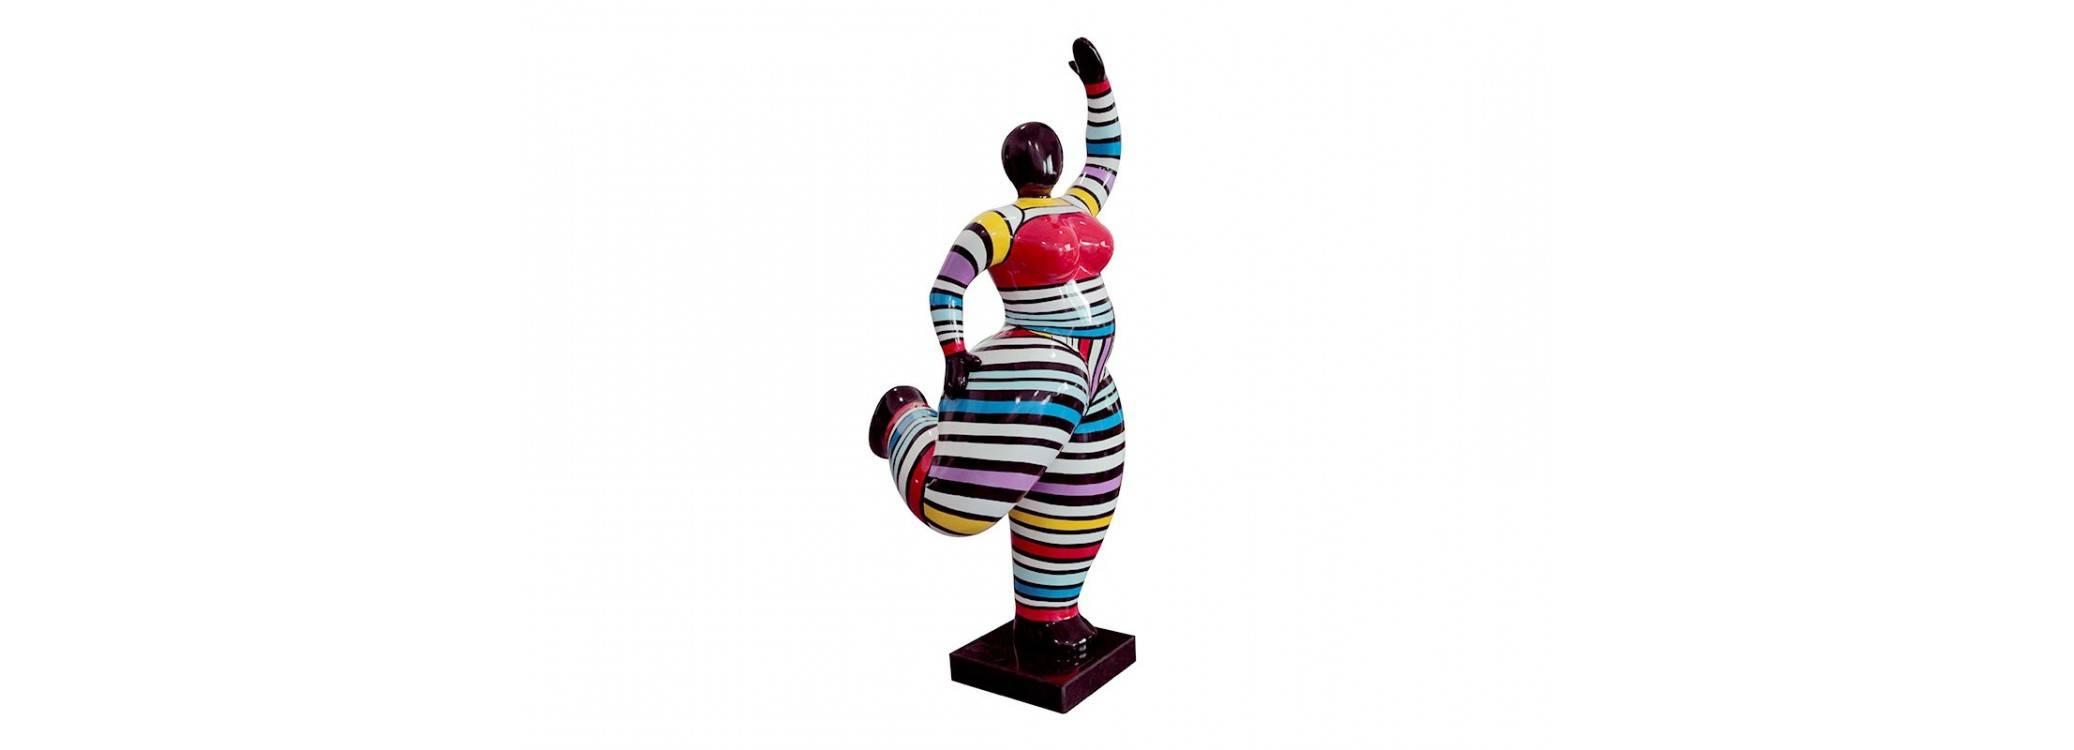 Grande statue Femme ronde,bras levés. Motifs rayés - H116 cm